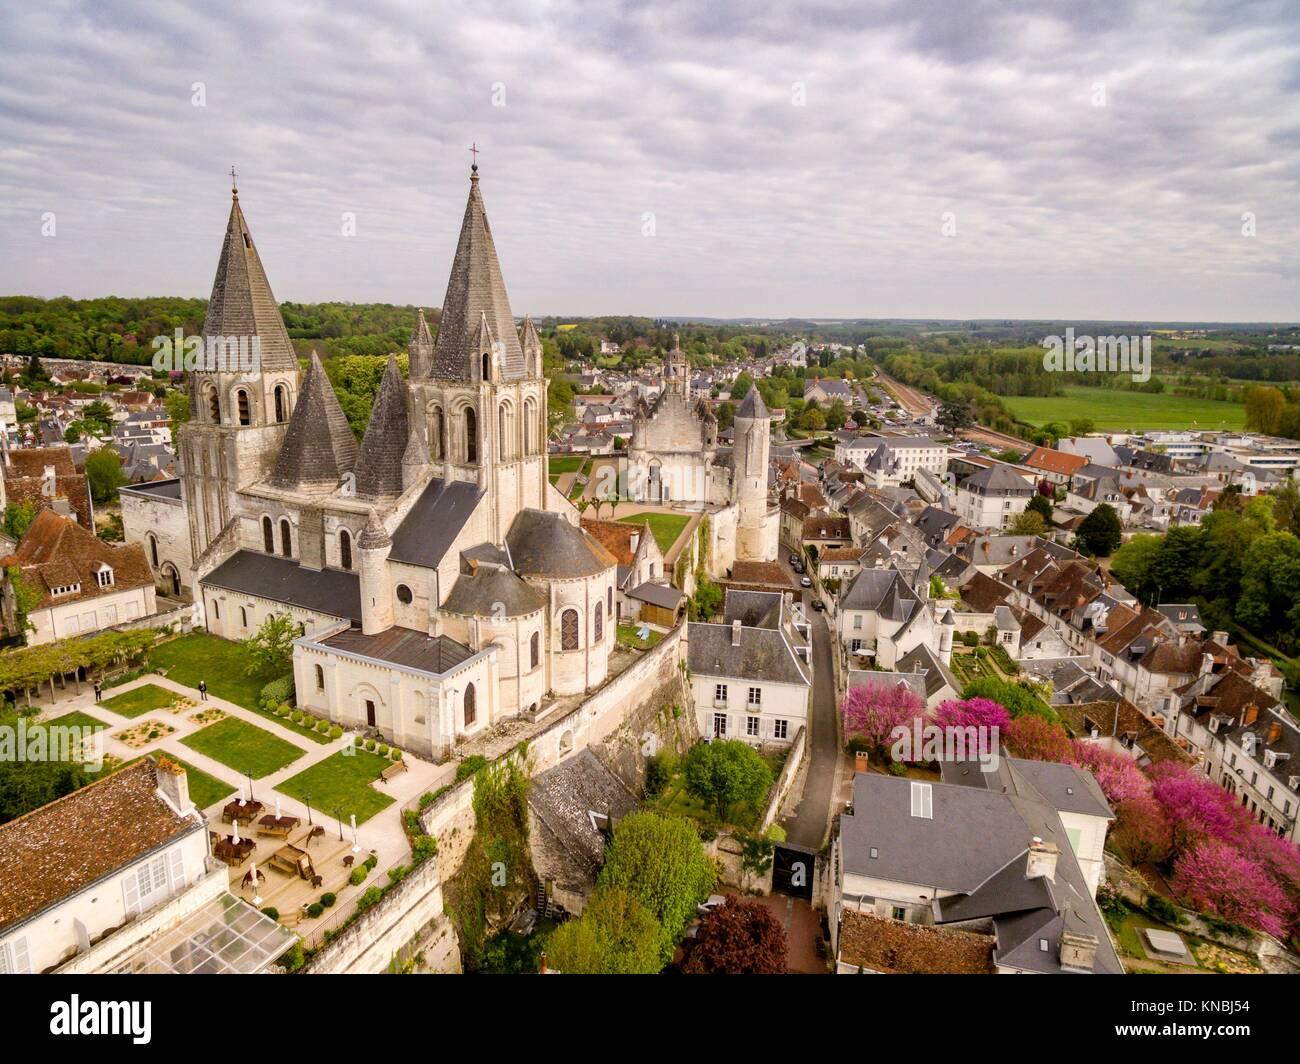 Colegiata de Saint-Ours, románico y gótico. Fue edificada entre los siglos XI y XII, Loches, Indre, France,Western - Stock Image